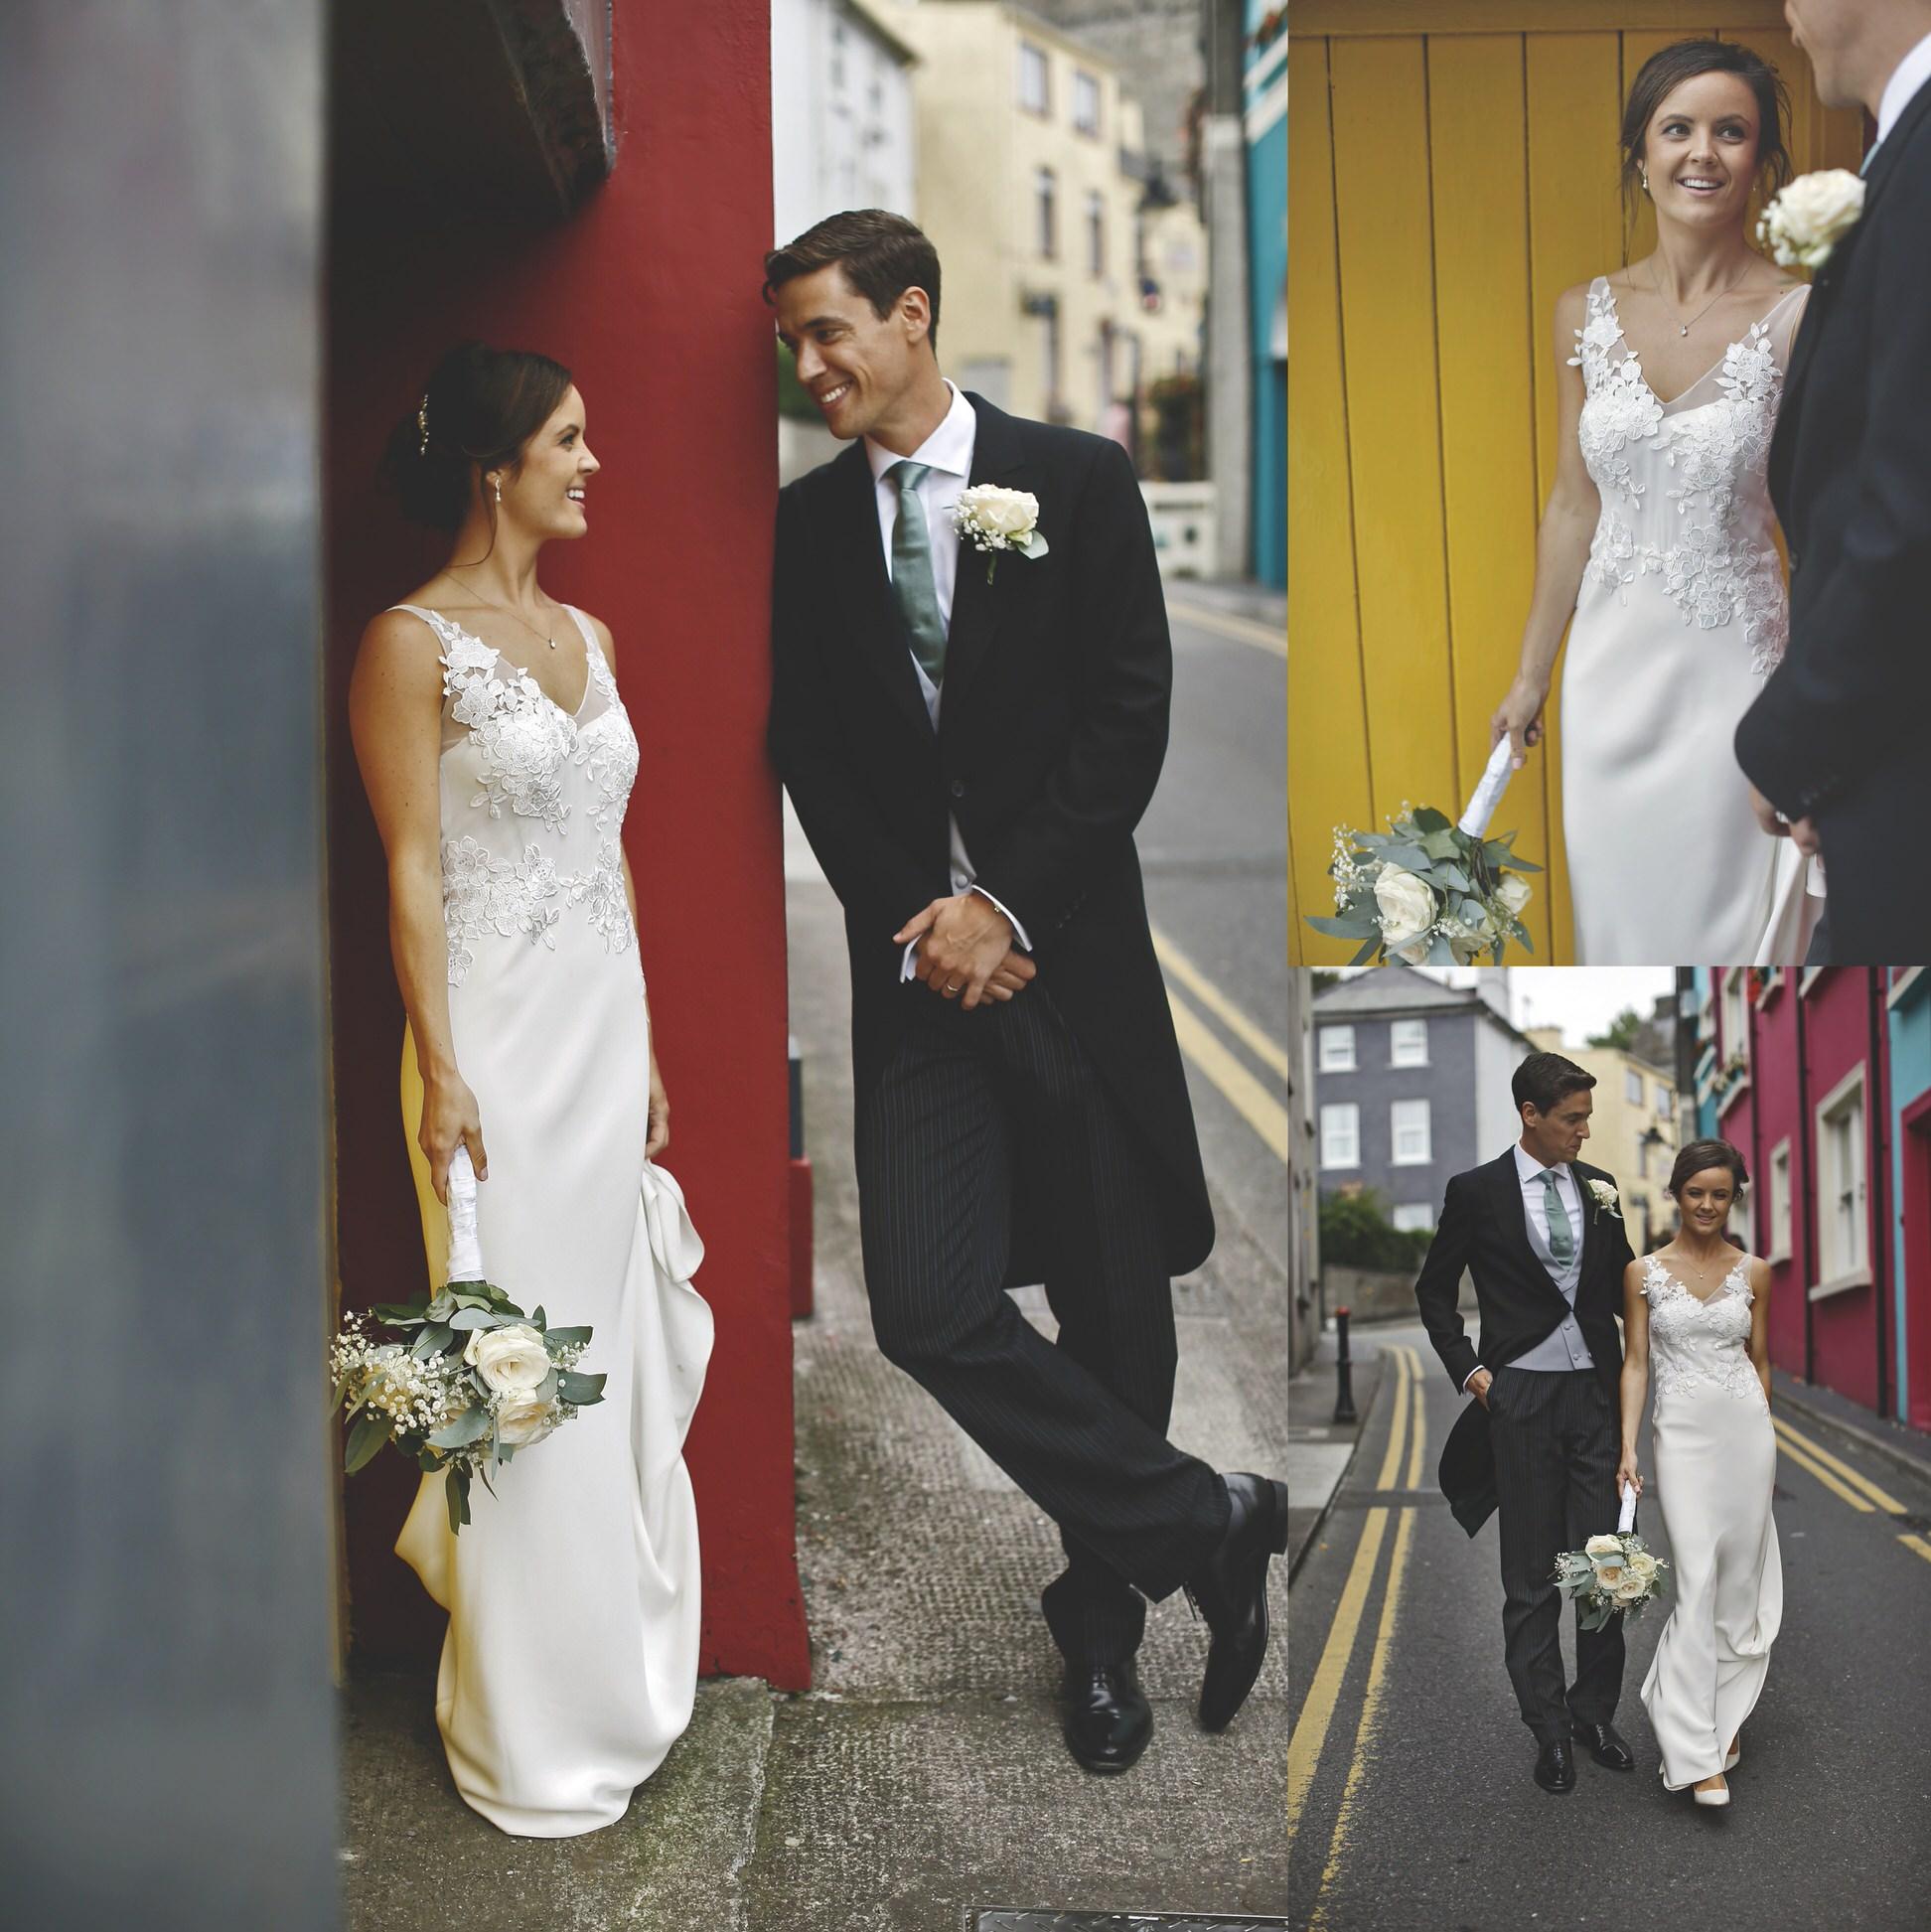 brettharkness-destination-wedding-photographer-ireland_0041.jpg